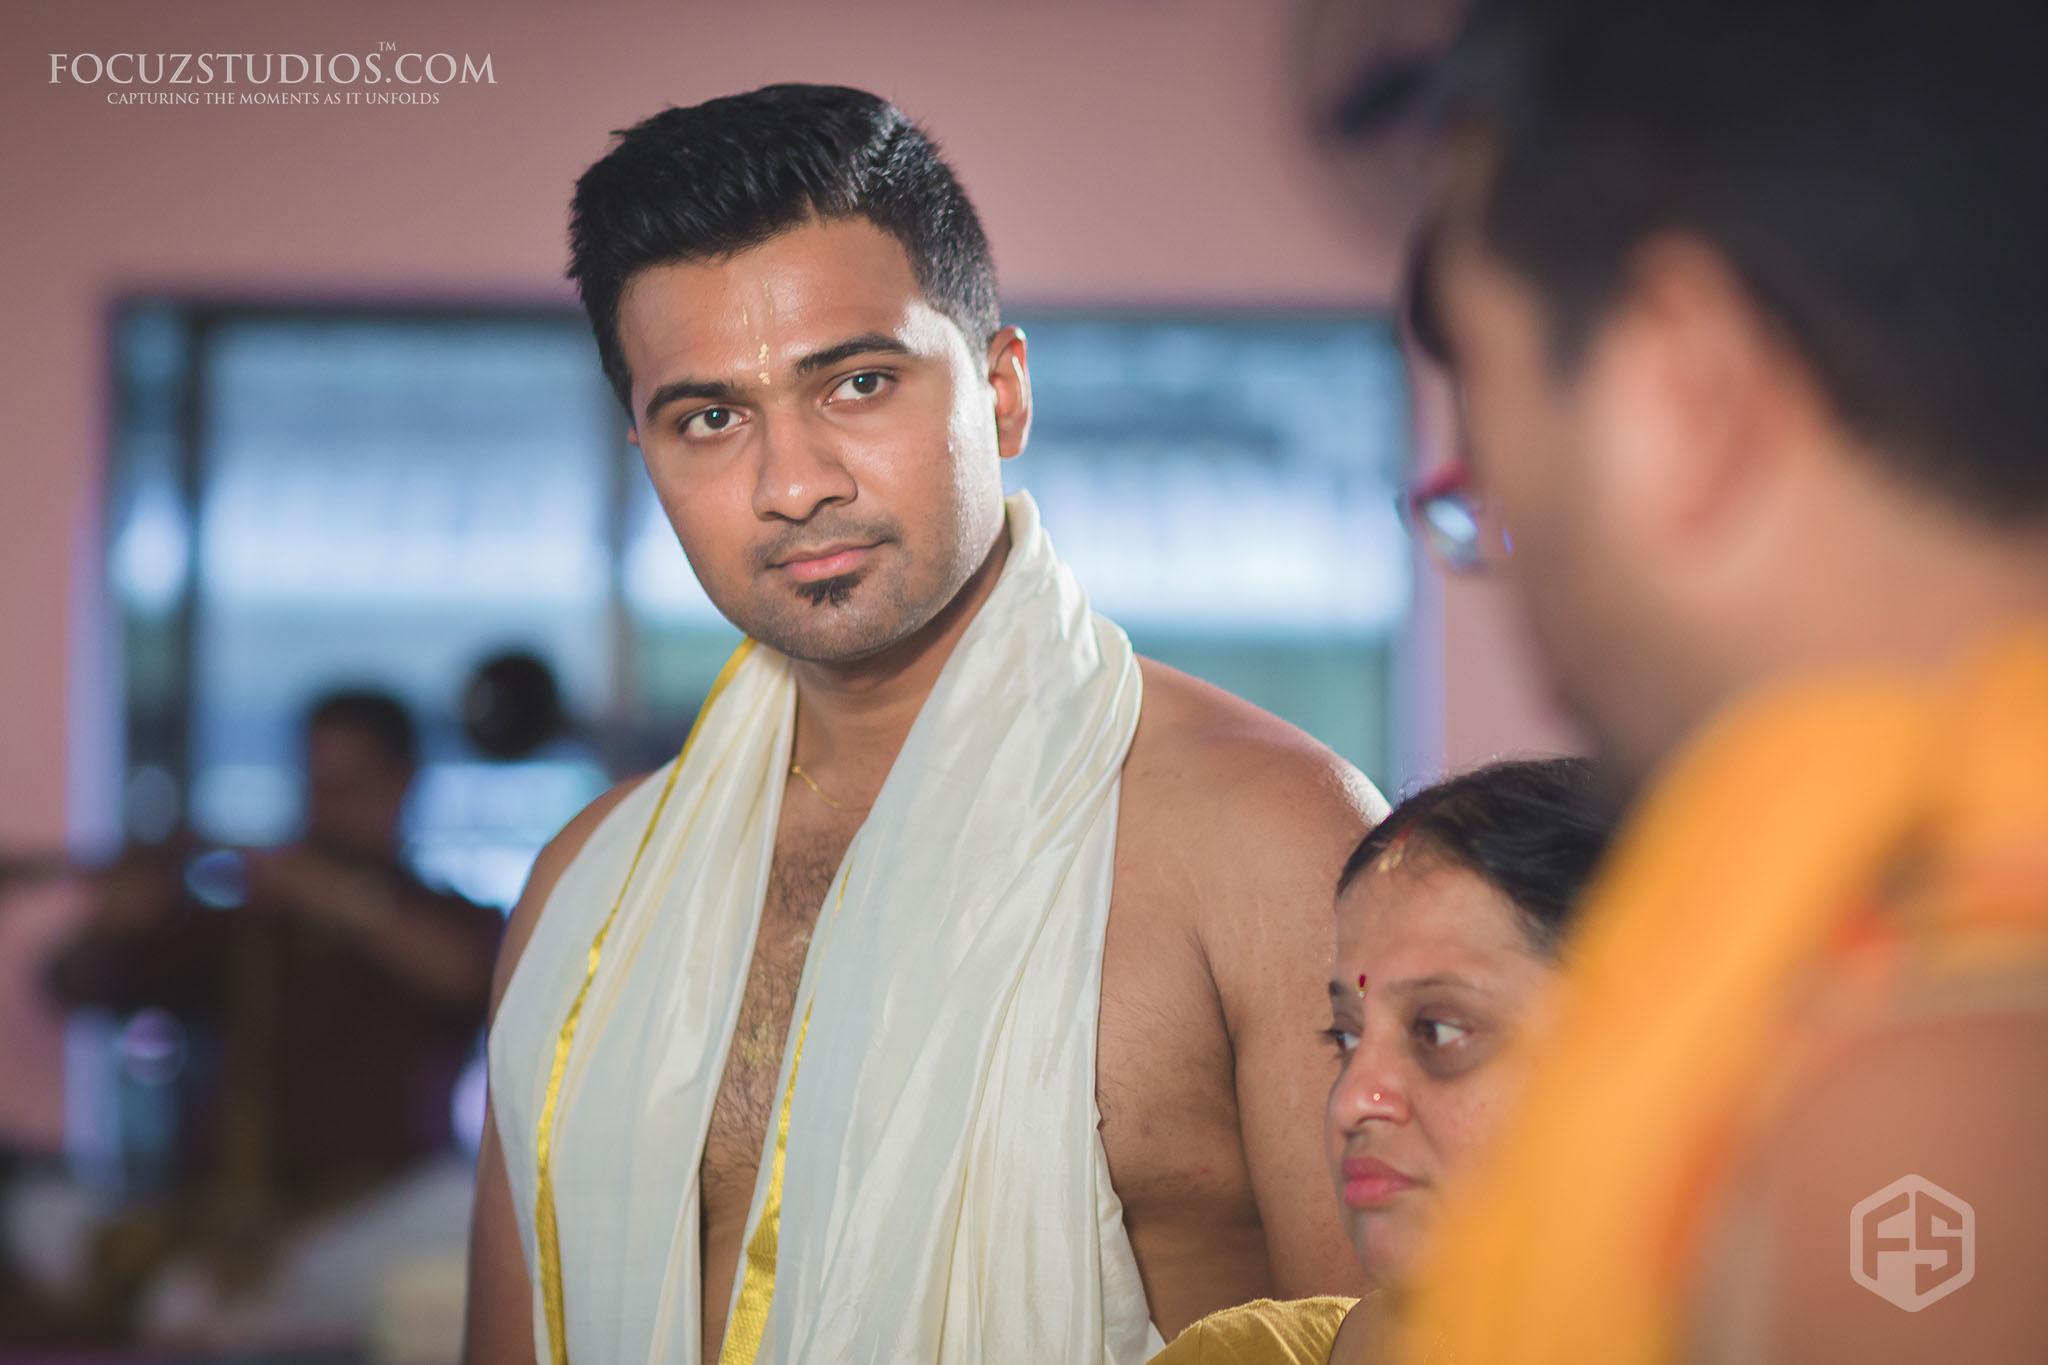 udupi-brahmins-wedding-photography-kerala-3